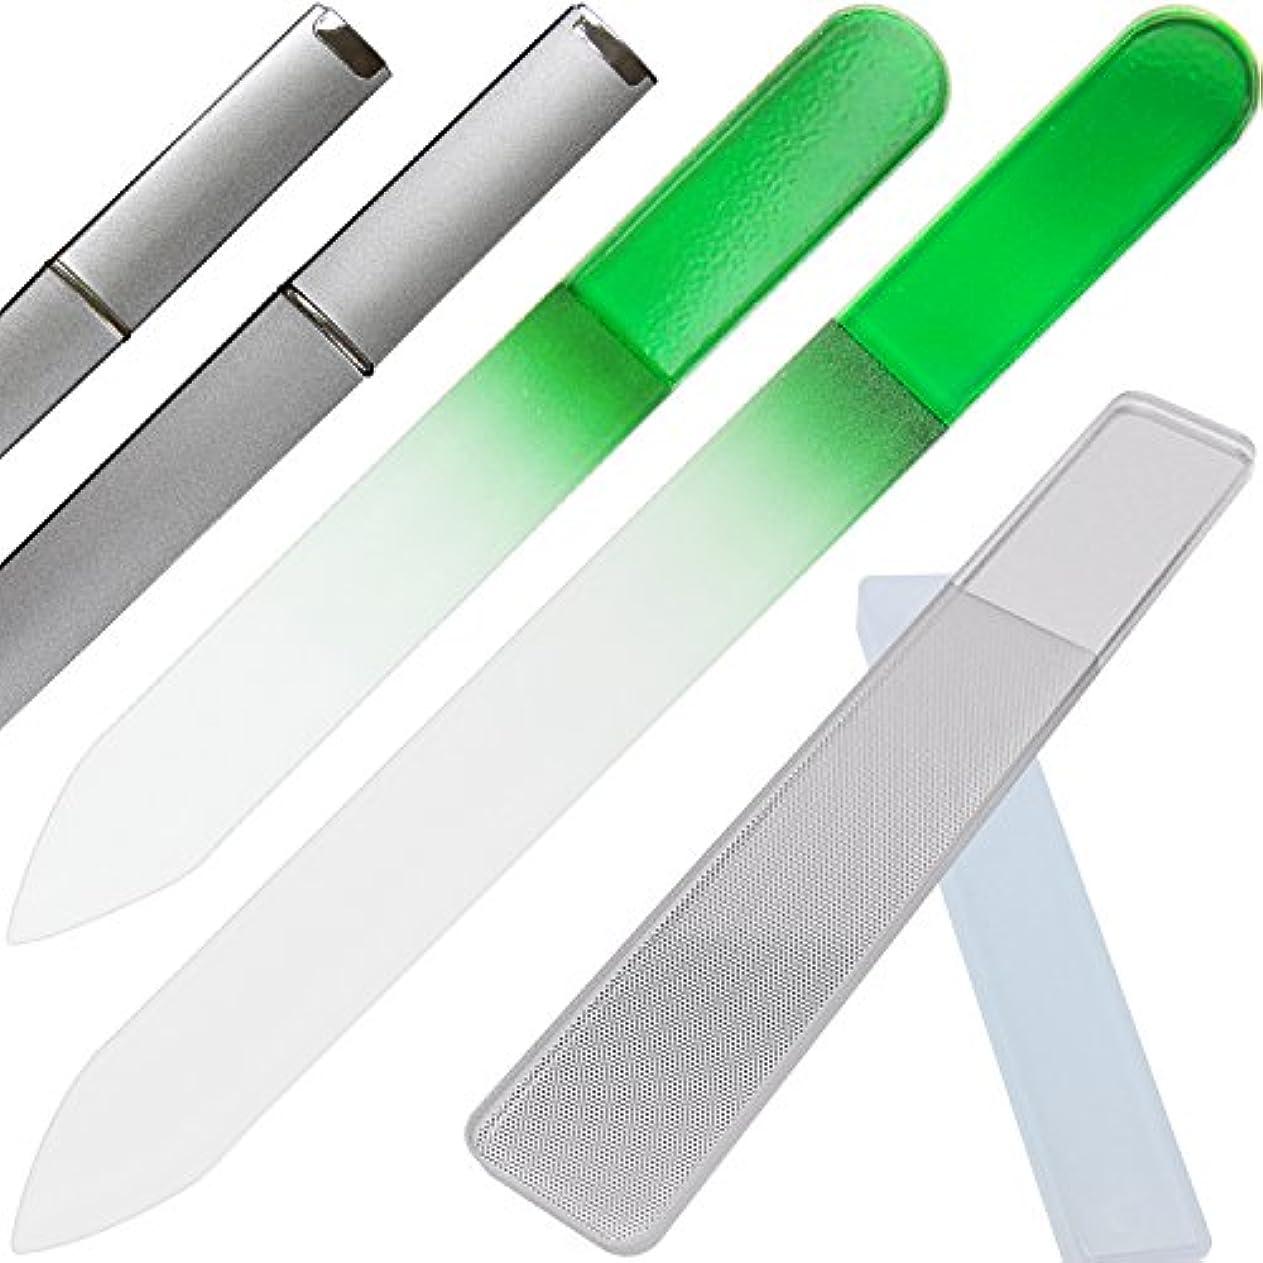 旅行者何よりもどんよりしたClarente 爪やすり 爪磨き ガラス製 専用 ケース付 4点セット ネイル ケア